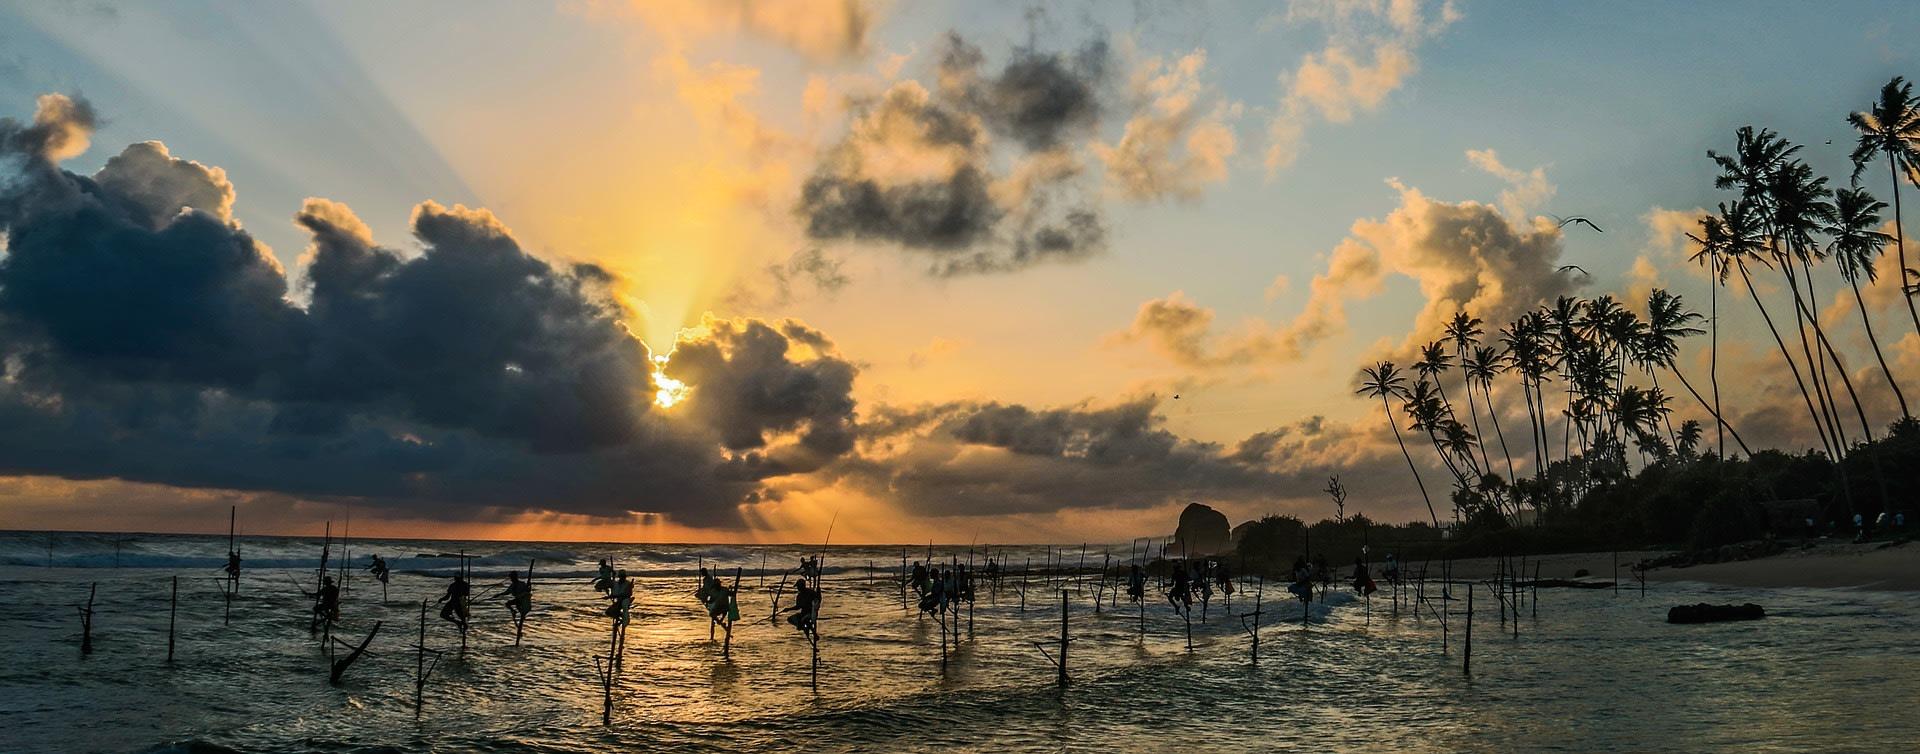 Admire the stunning sunsets at Mirissa Beach